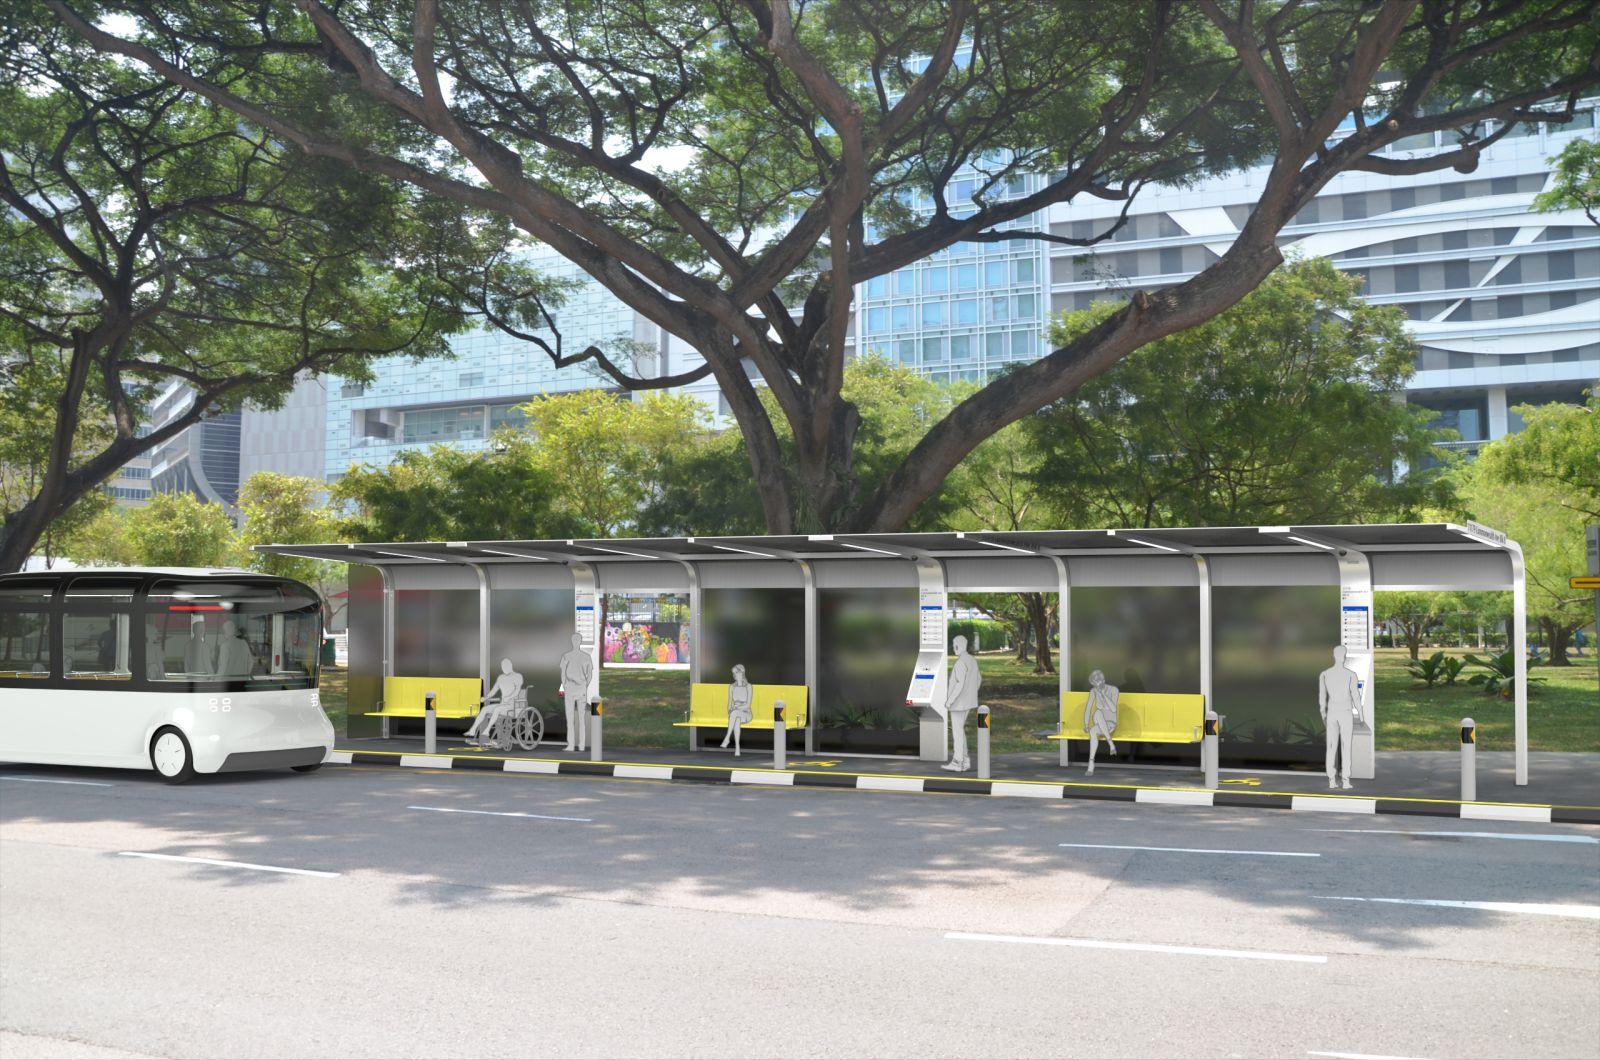 Bus Stop Design For Autonomous Public Transport